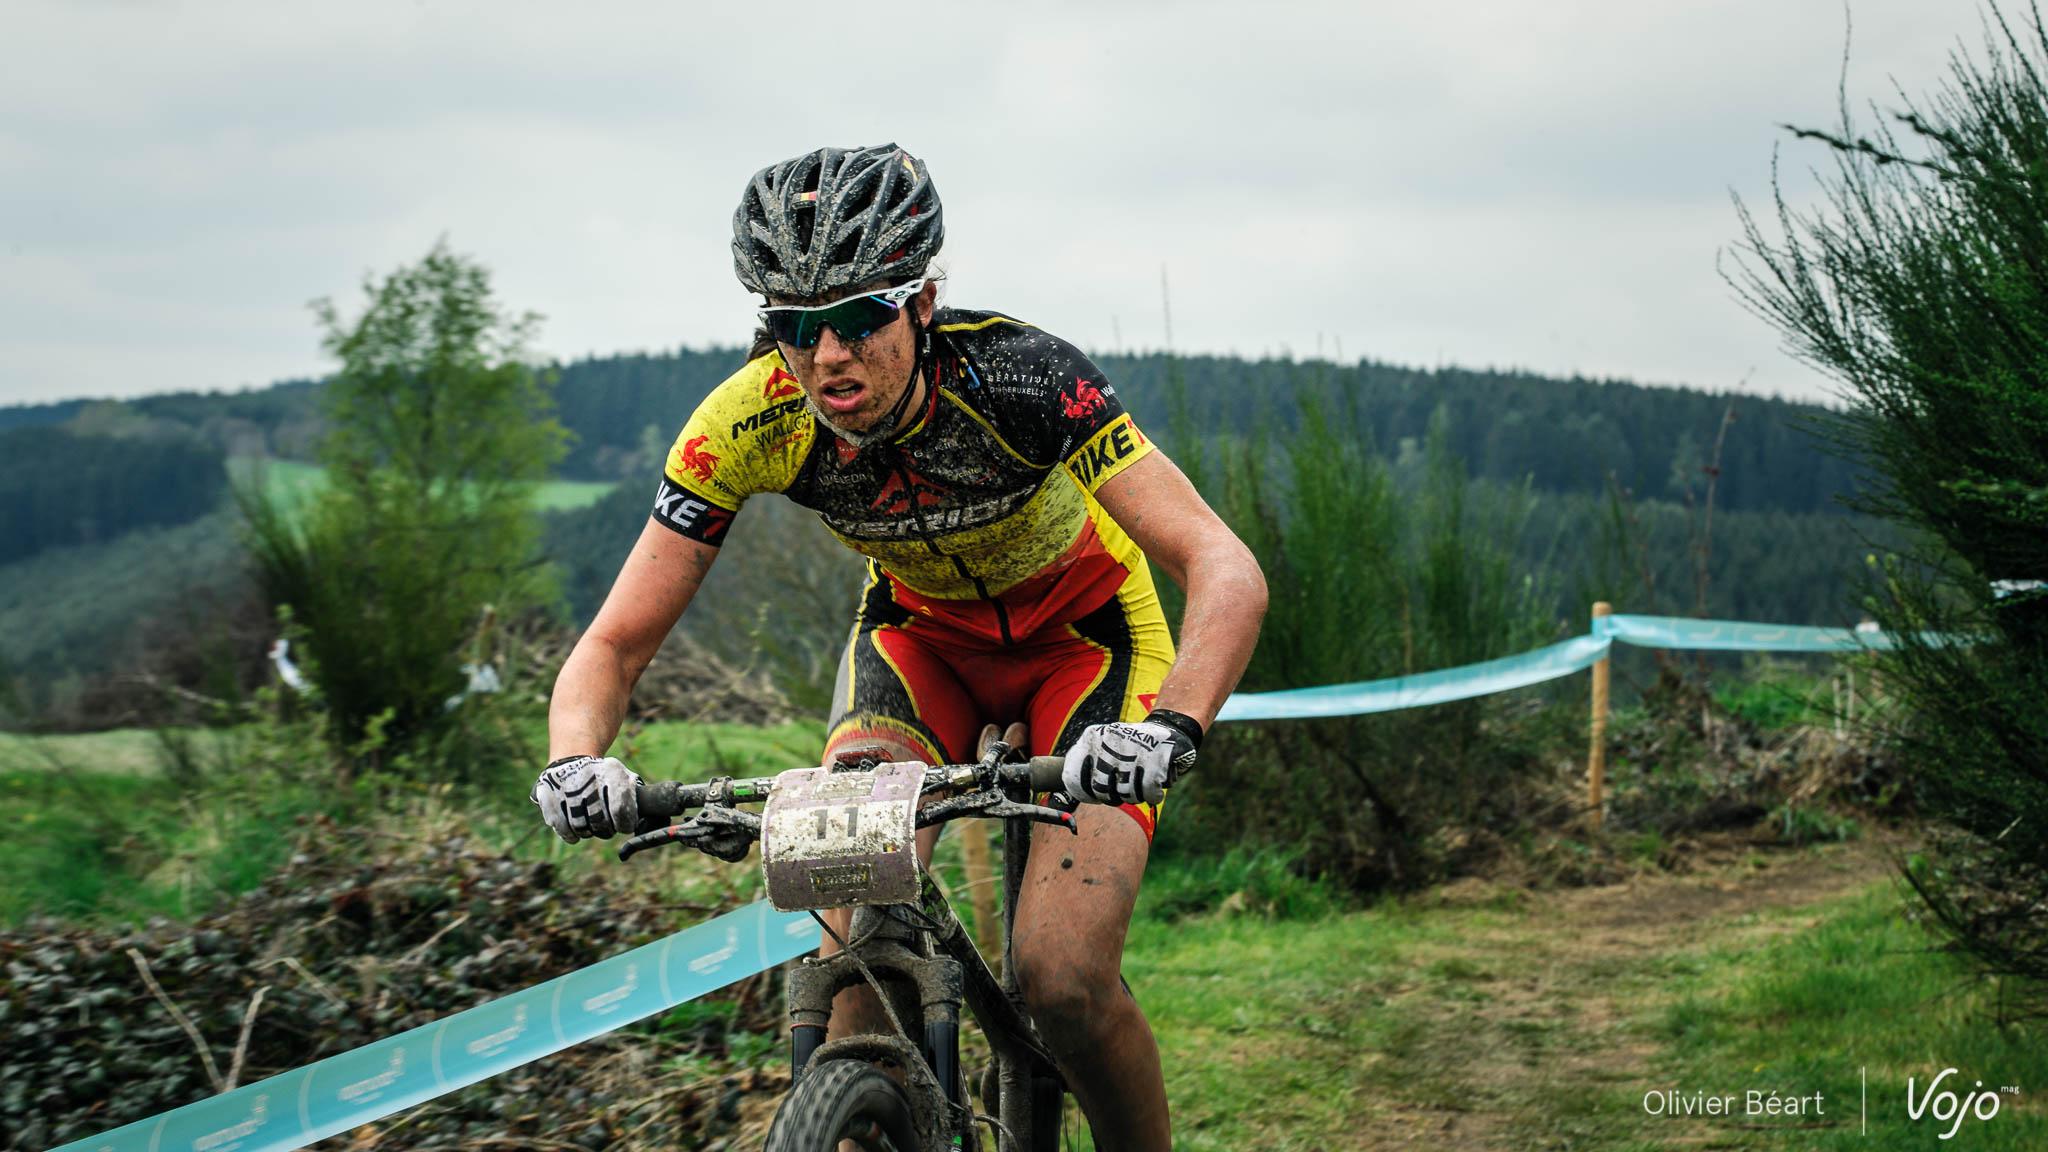 Roc_Ardenne_Marathon_Copyright_OBeart_VojoMag-15